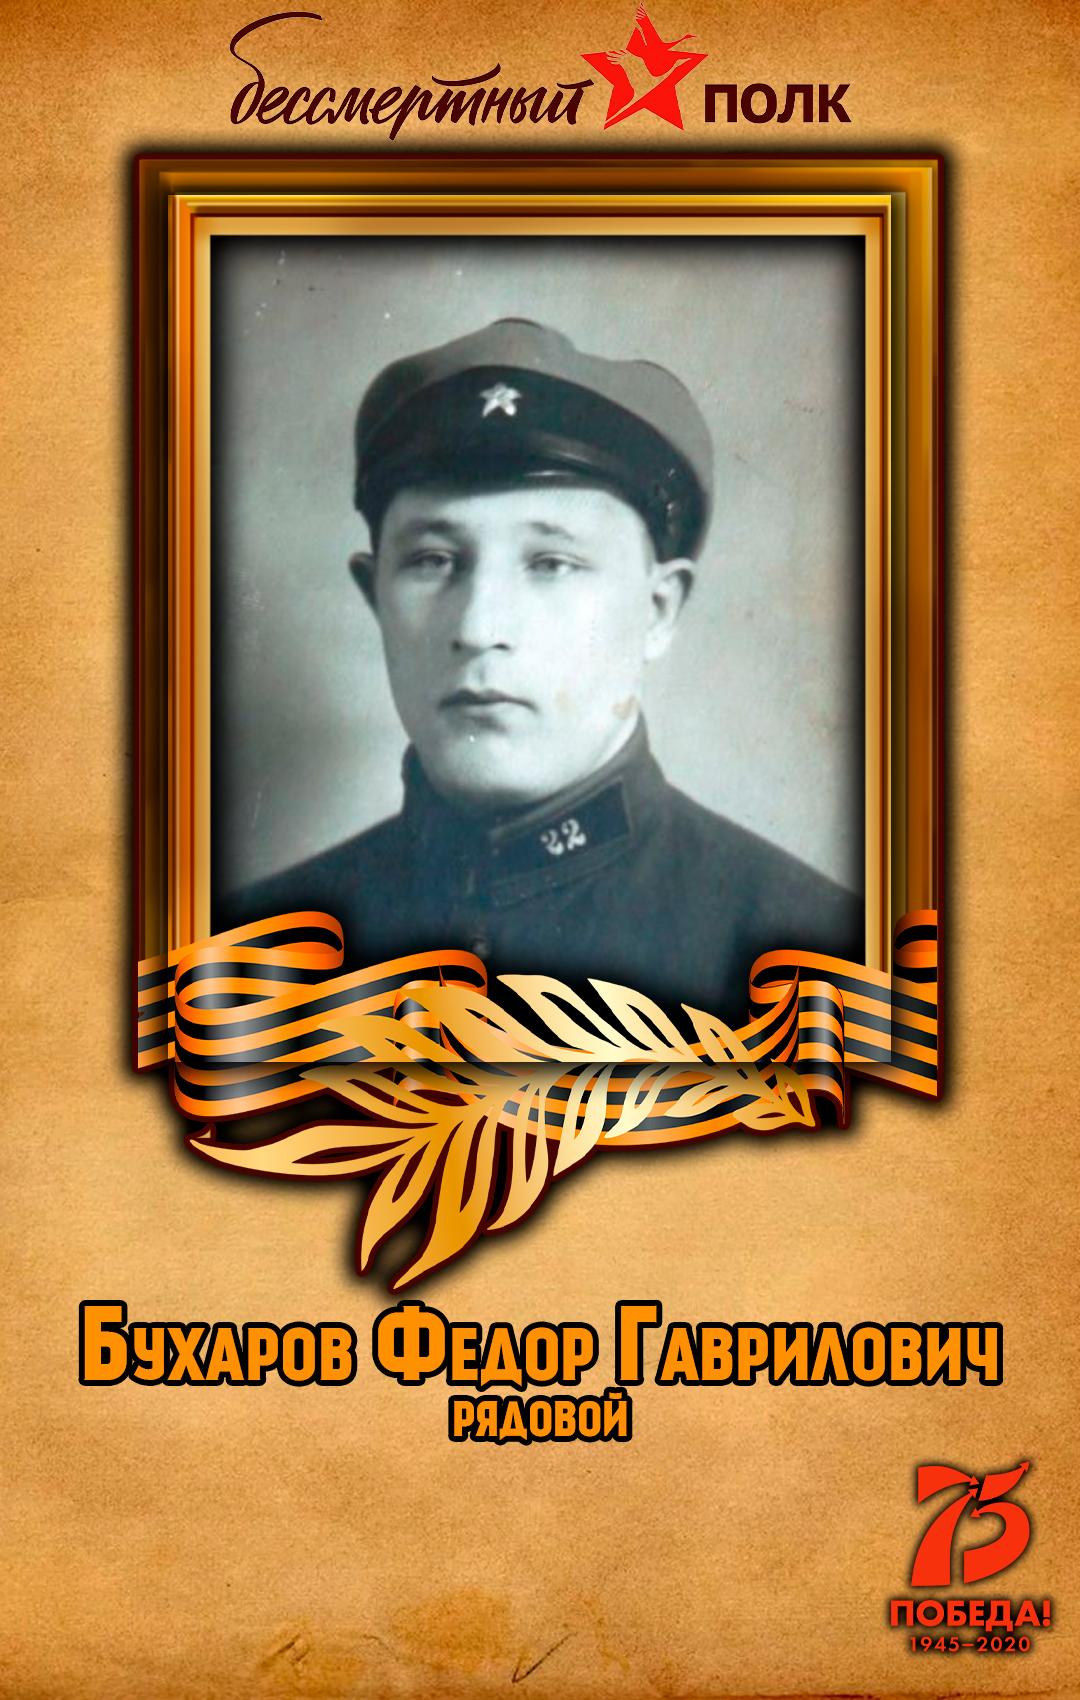 Бухаров-Федор-Гаврилович